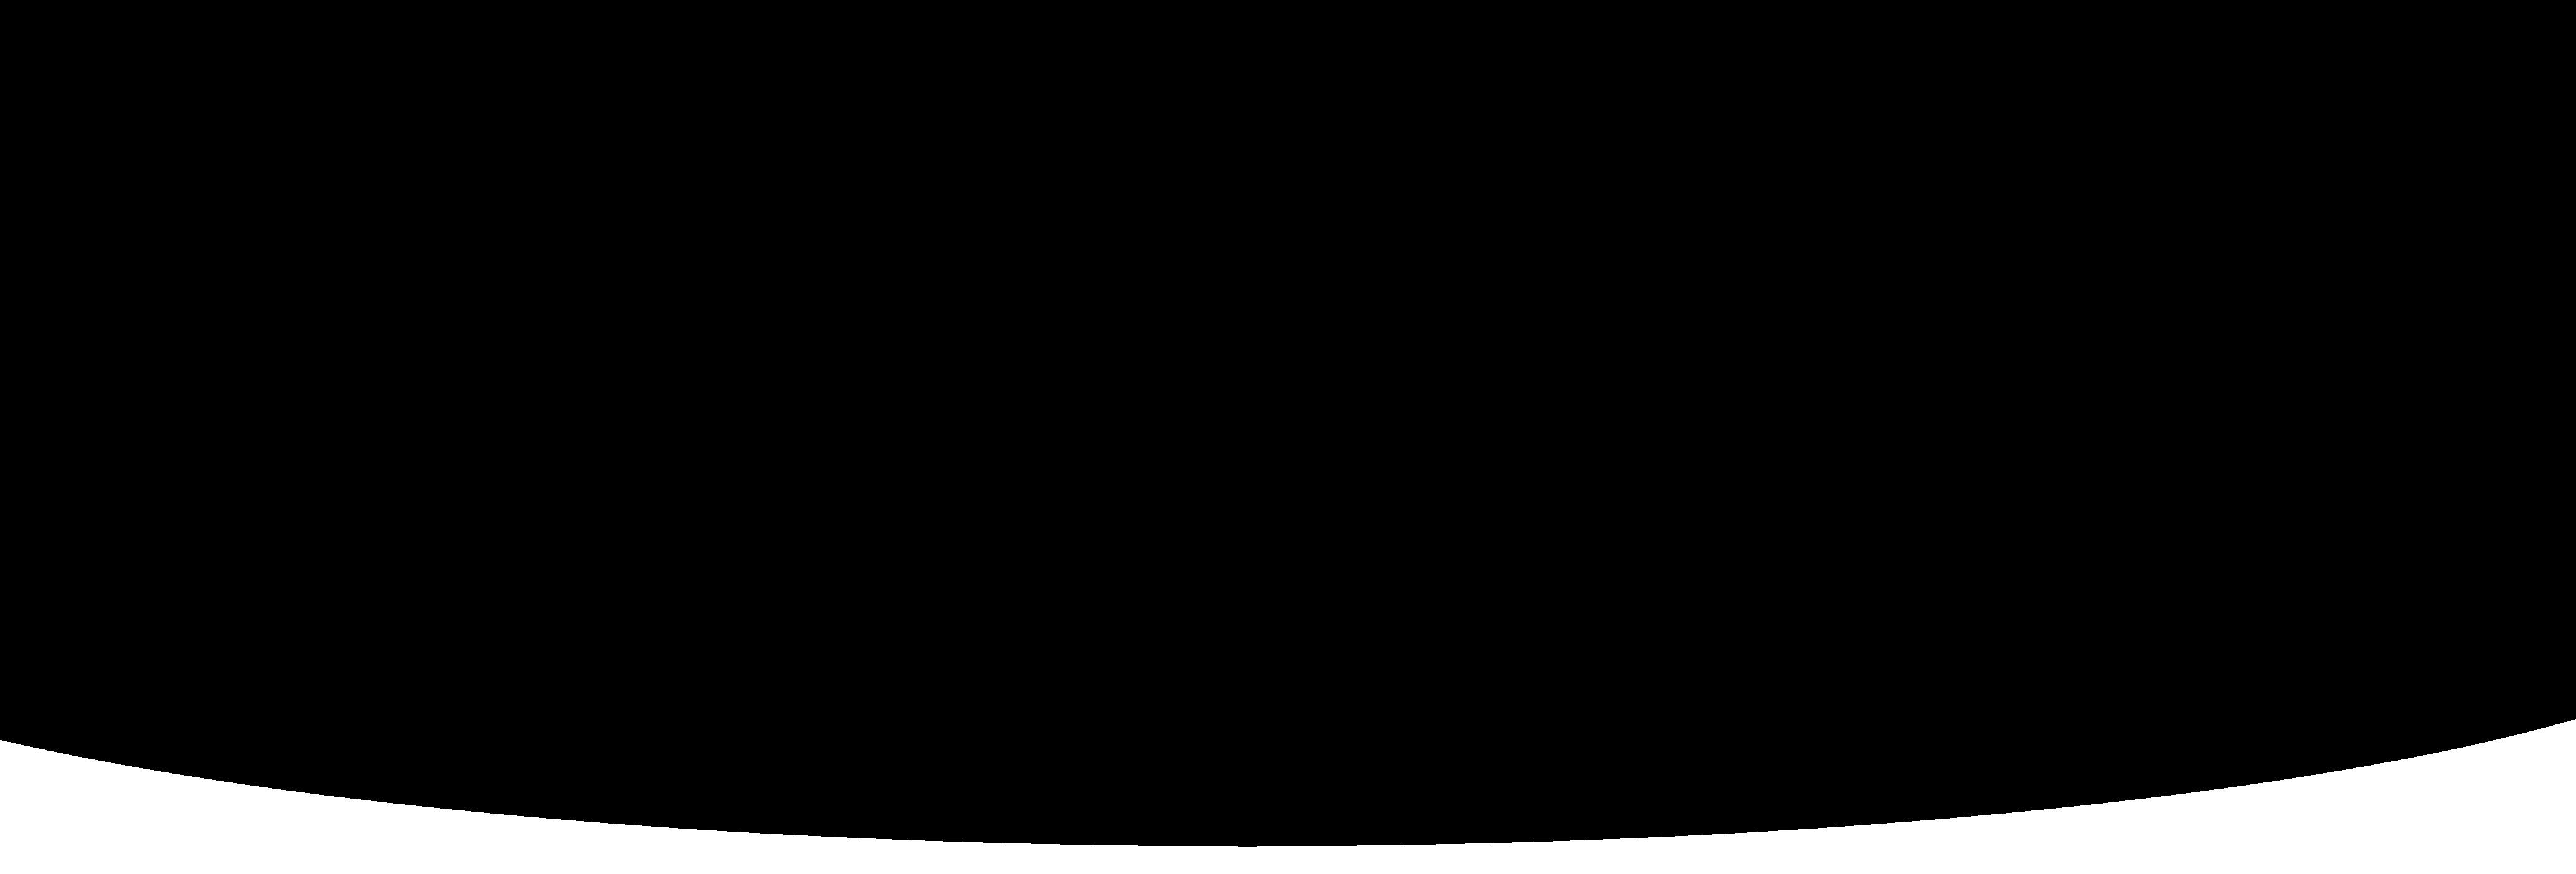 White round border